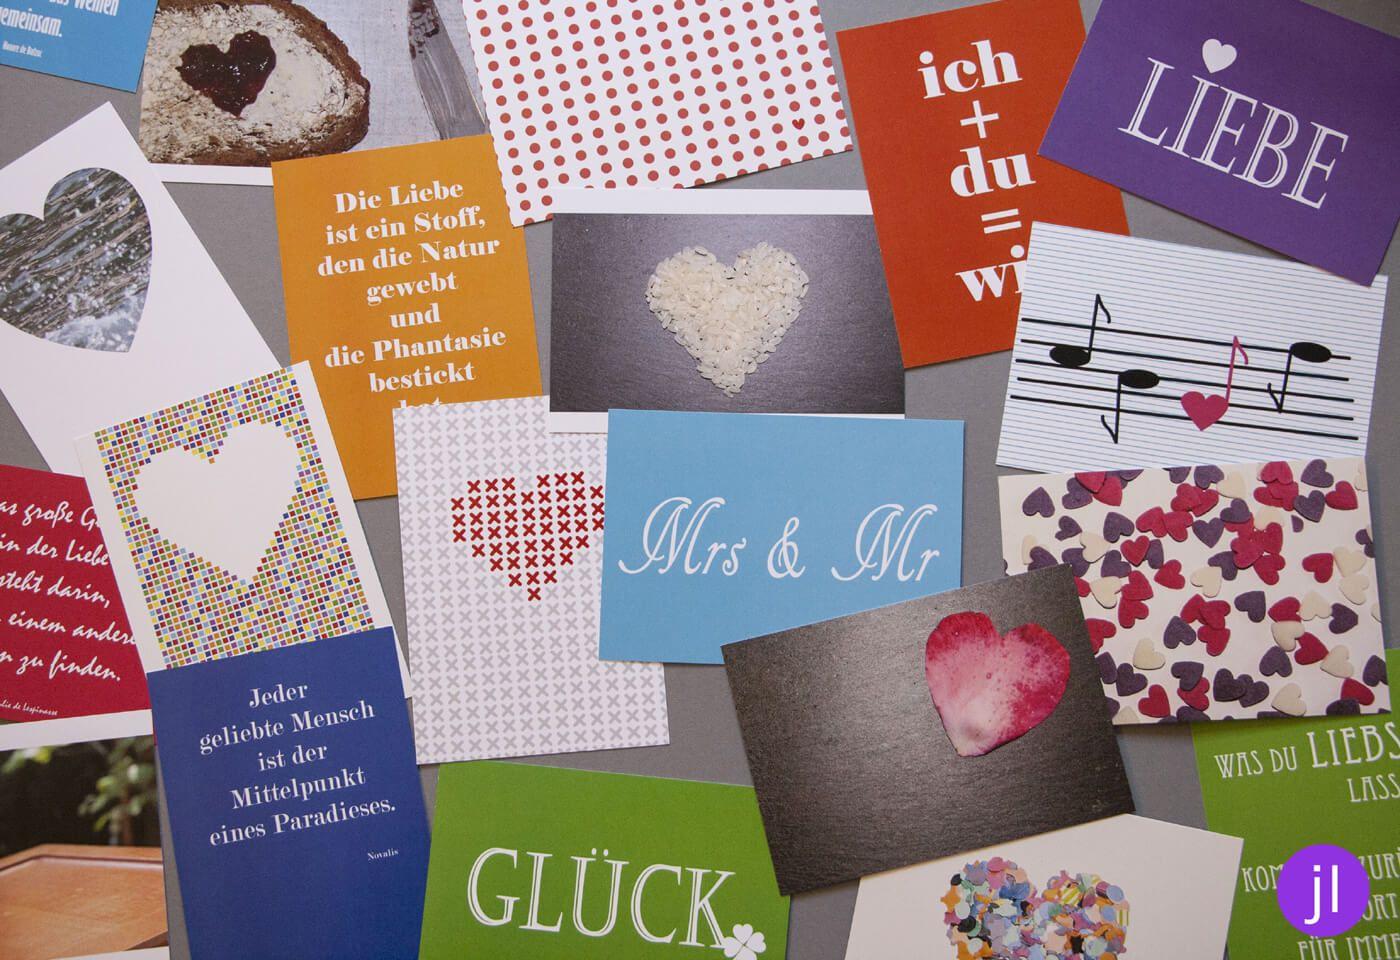 Dem Brautpaar Das Erste Ehejahr Versussen Mit Diesen 52 Postkarten Schafft Ihr Das Mit Sicherheit Postkarten Hochzeit Hochzeit Spiele Ehejahr